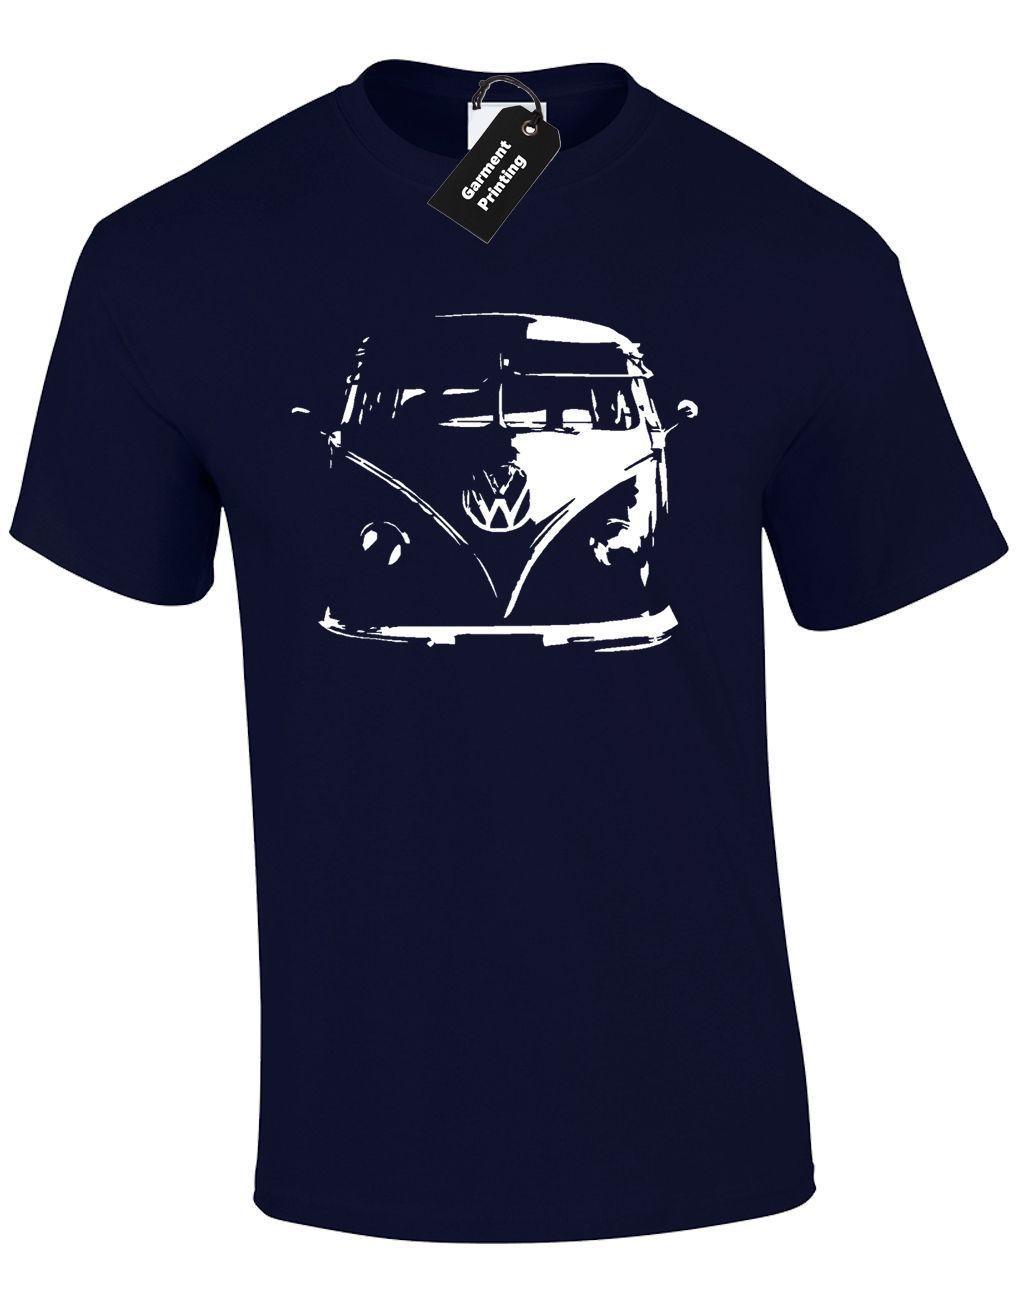 Camper Van Mens T Shirt Tee Design Camping Van Cool Car Inspired